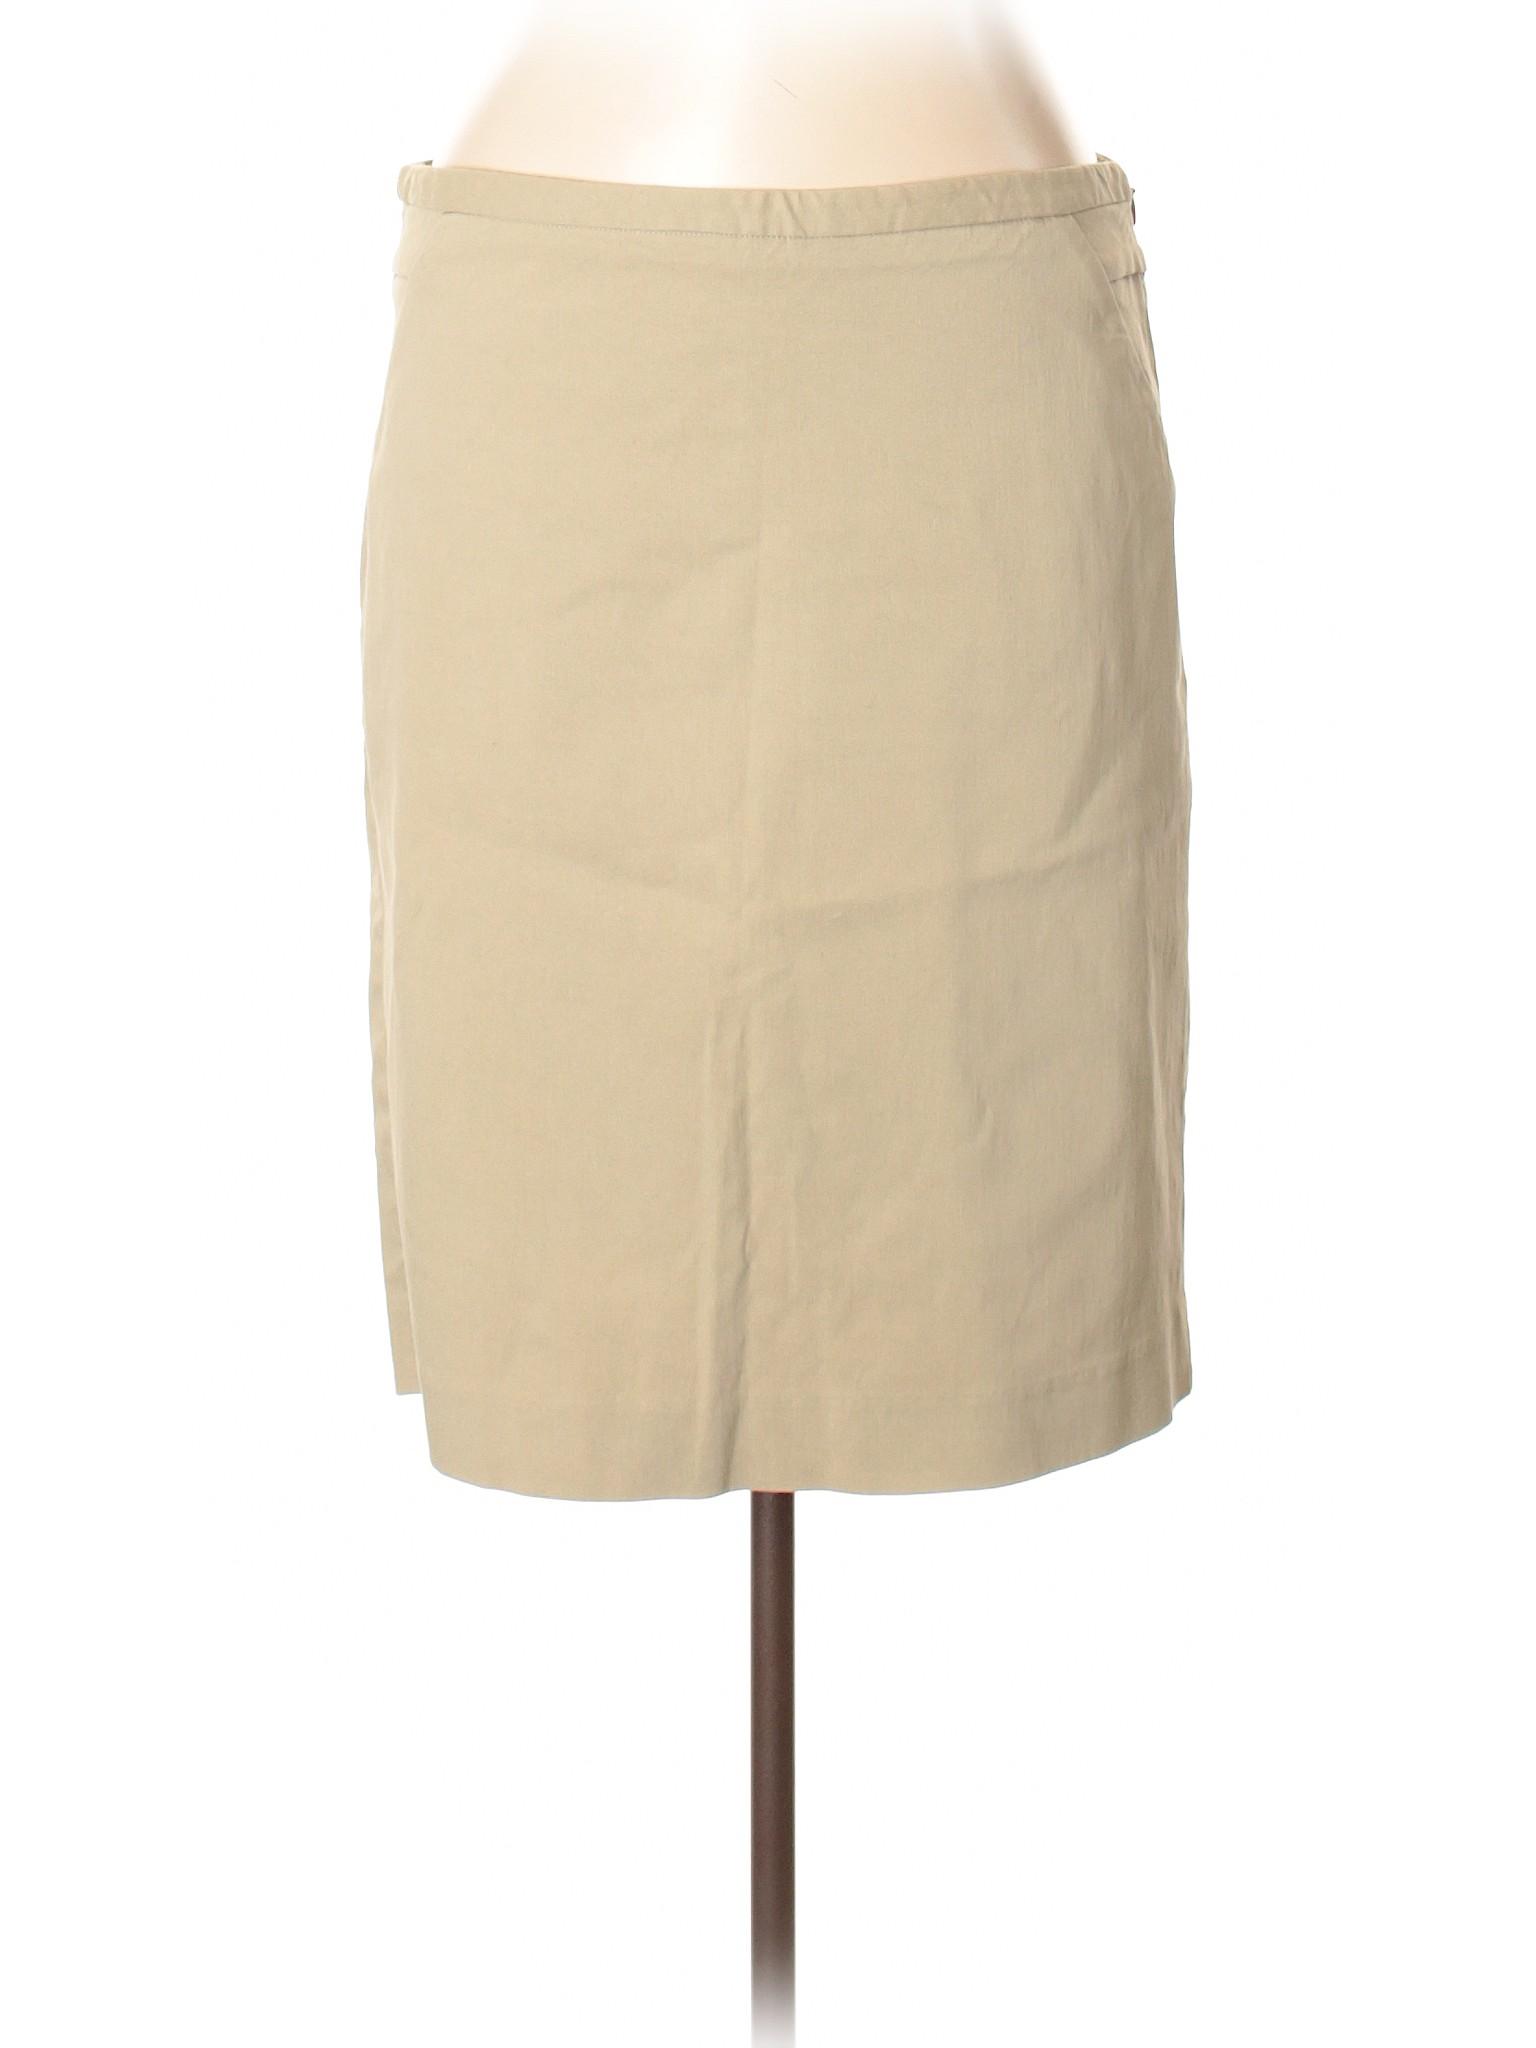 Boutique Casual Casual Casual Boutique Skirt Skirt Boutique HH7fWr01